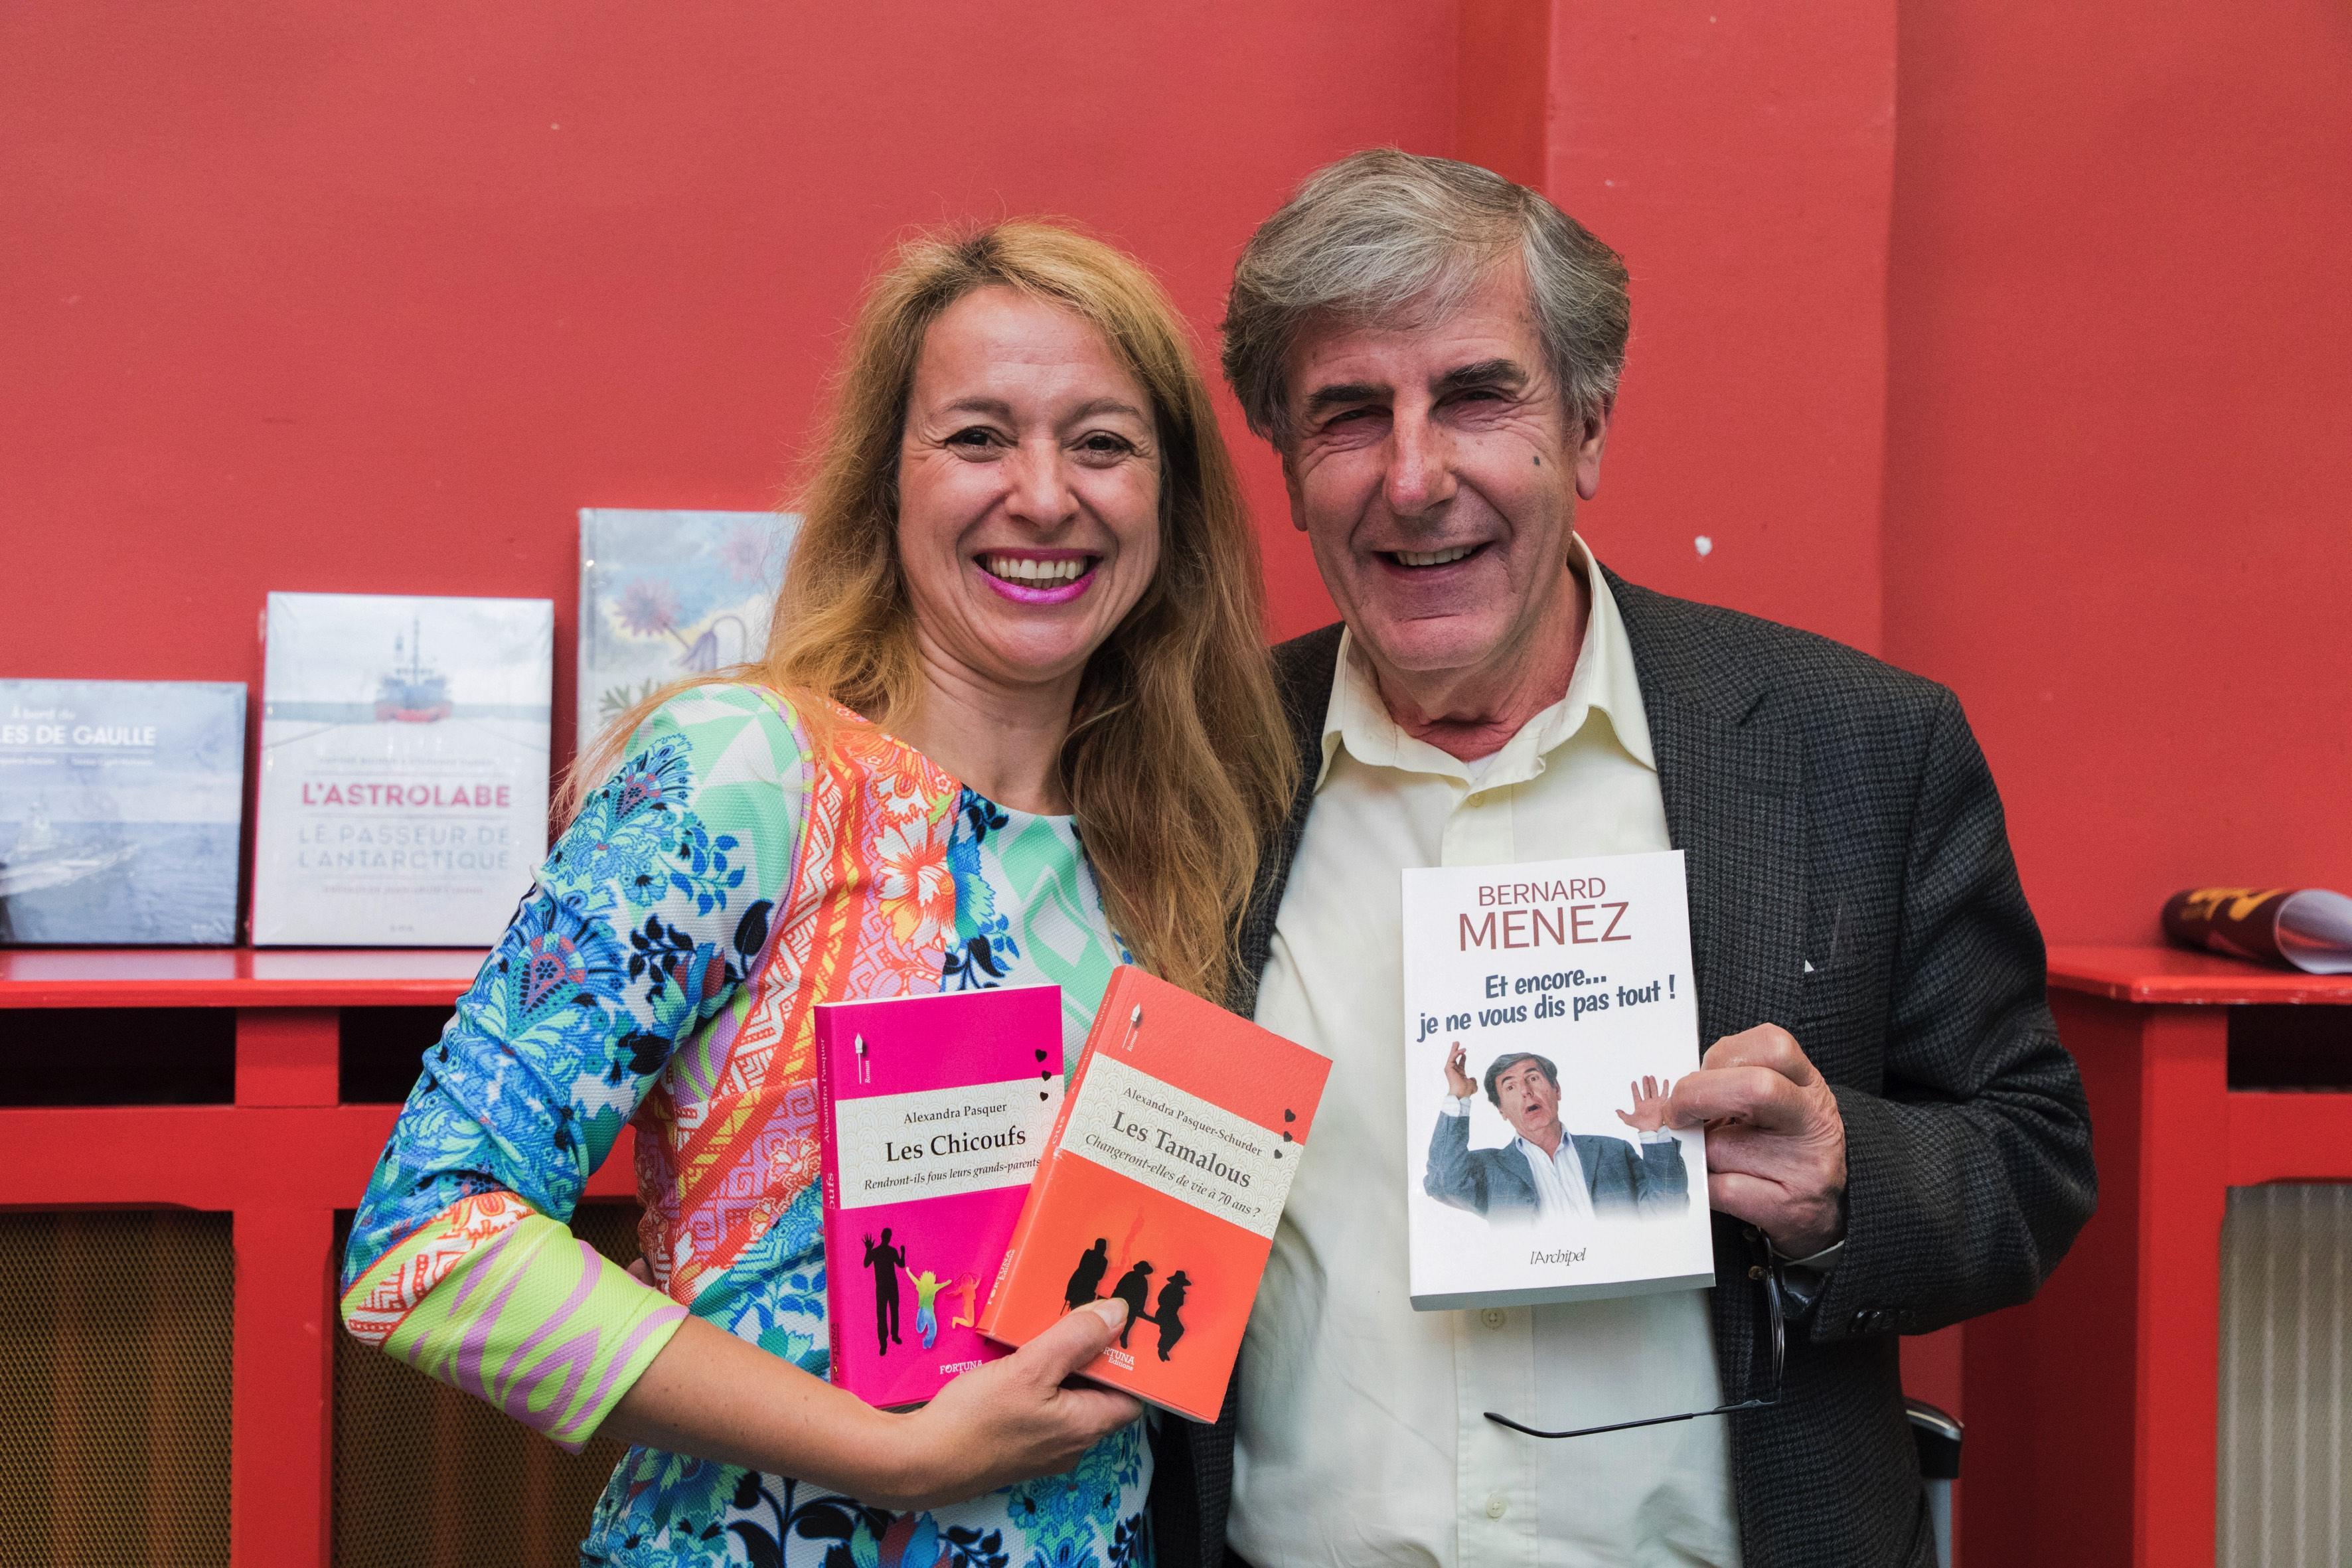 Bernard Menez et Alexandra Pasquer